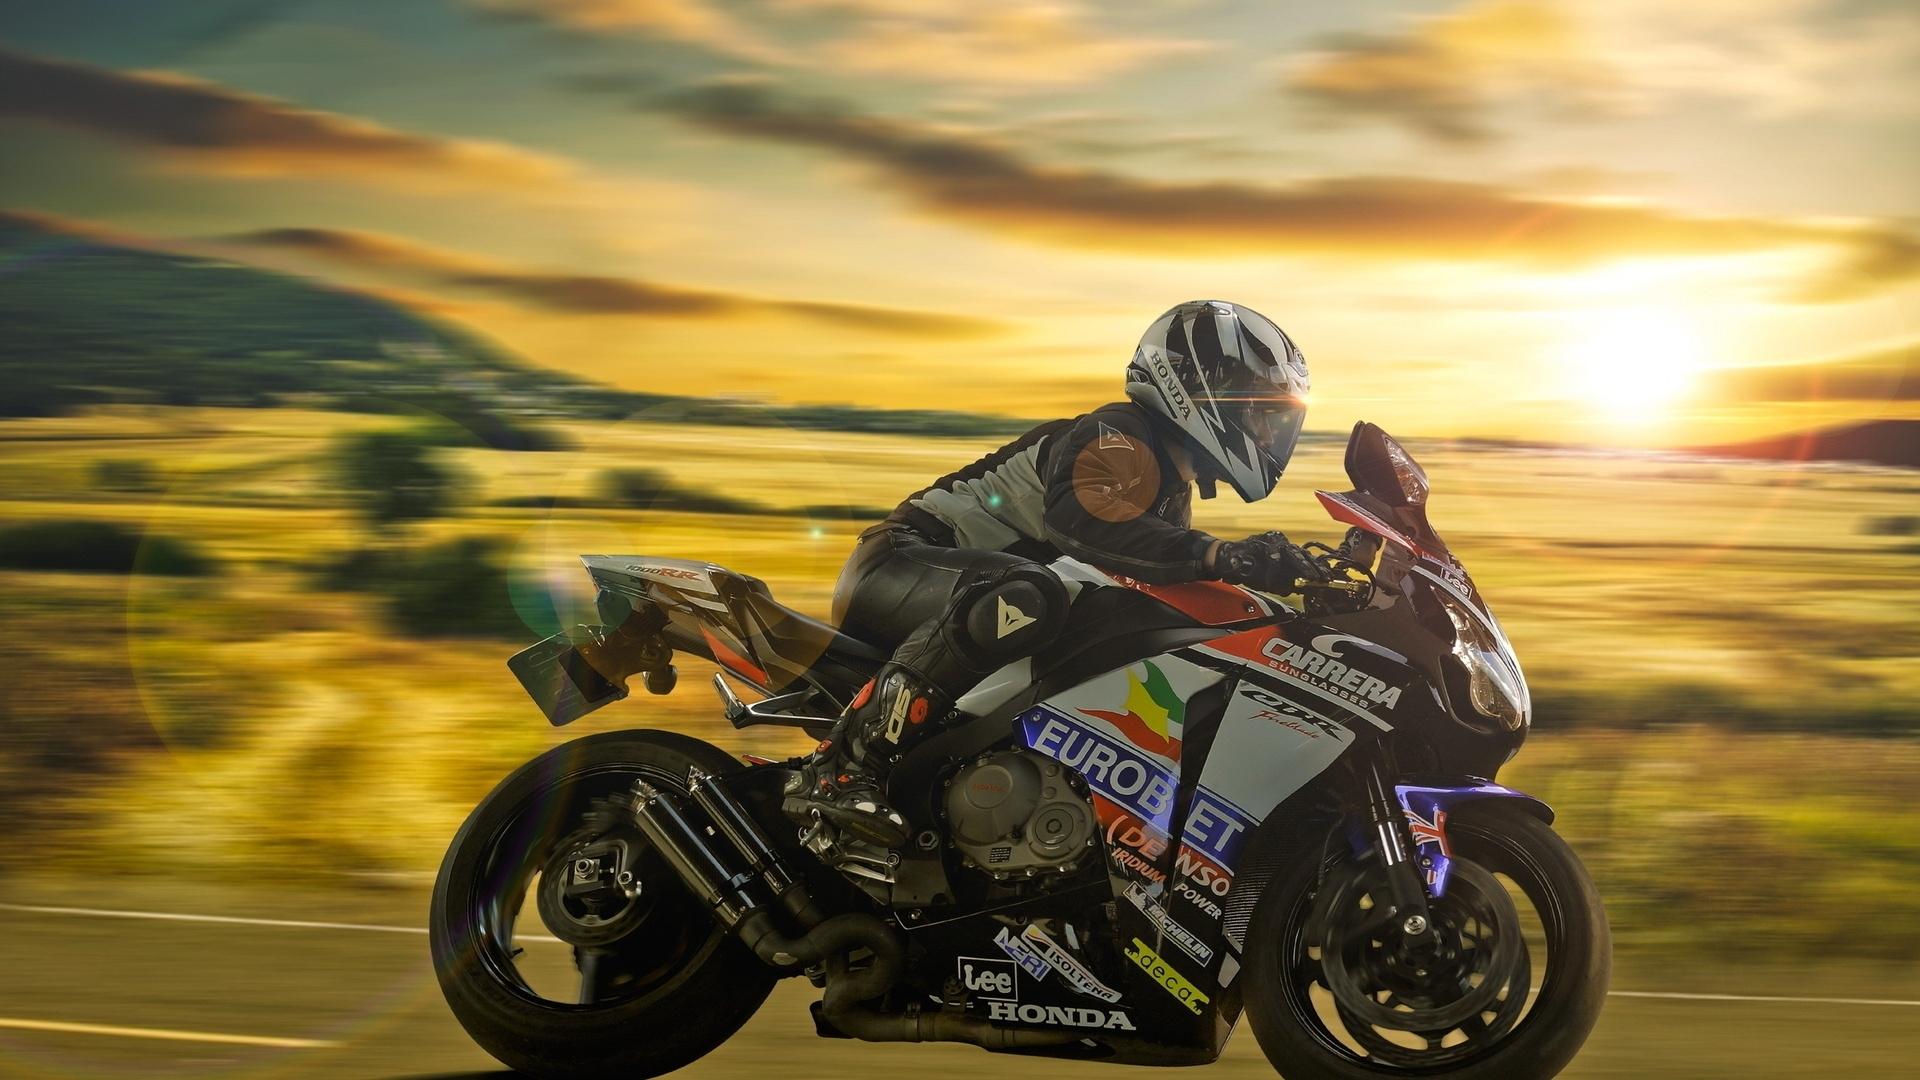 1920x1080 honda, race, honda, isle of man tt, motorcycle, the